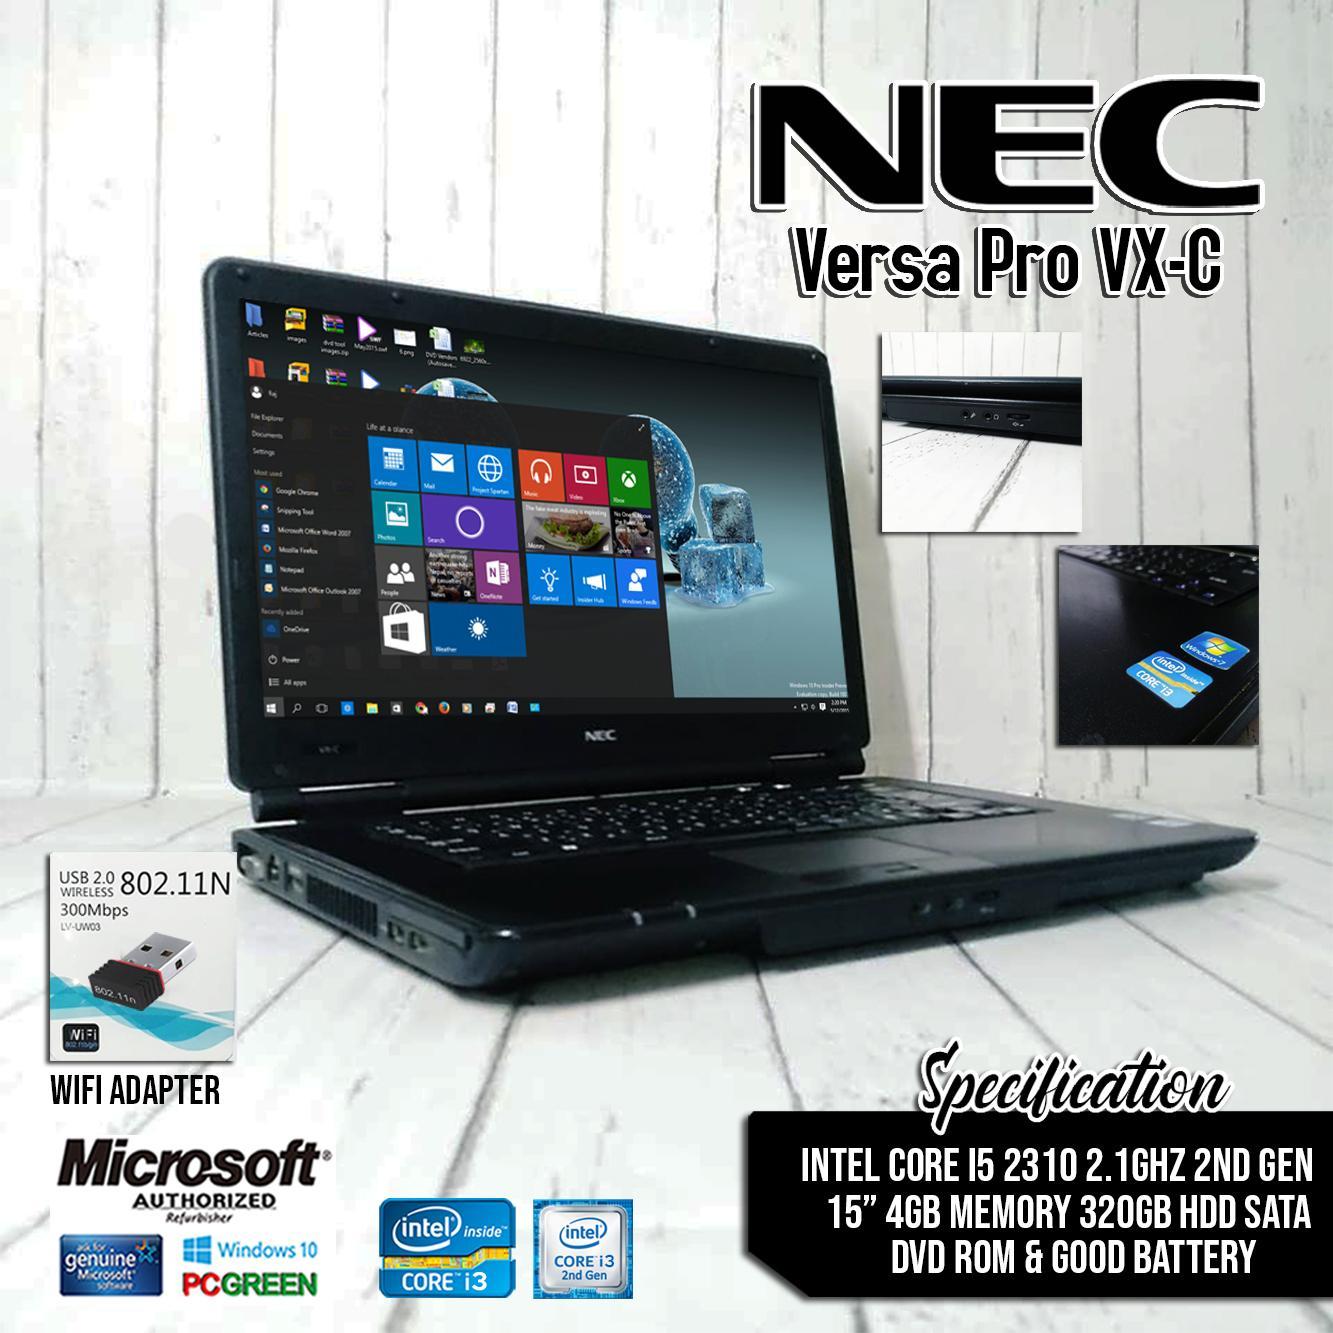 Nec Computer & Laptops Philippines - Nec Computer, Laptop, CPU & PC